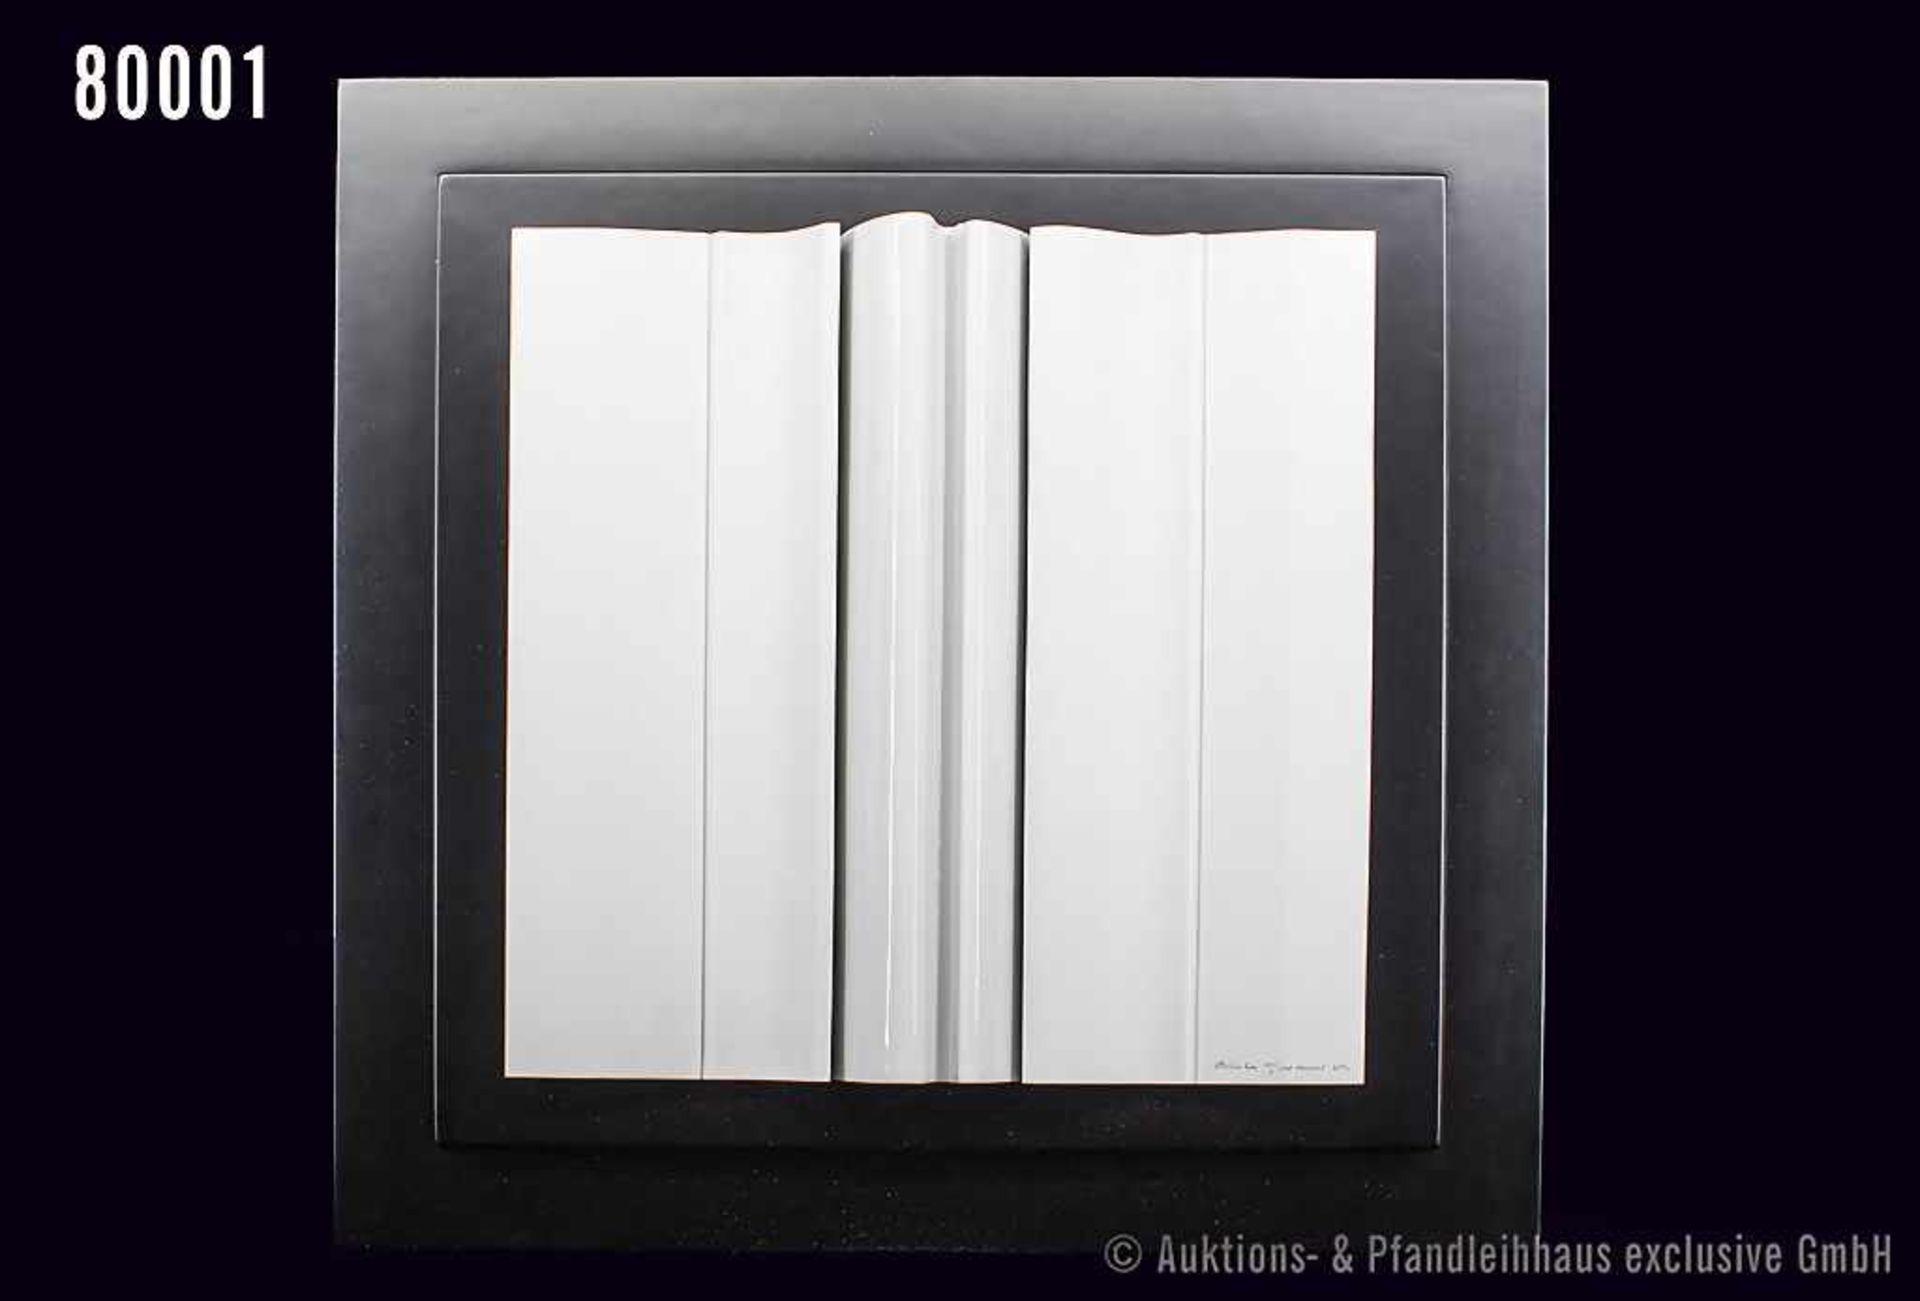 Rosenthal Porzellan, Jahresobjekt in Porzellan 1983, von Günter Ferdinand Ris, limitierte